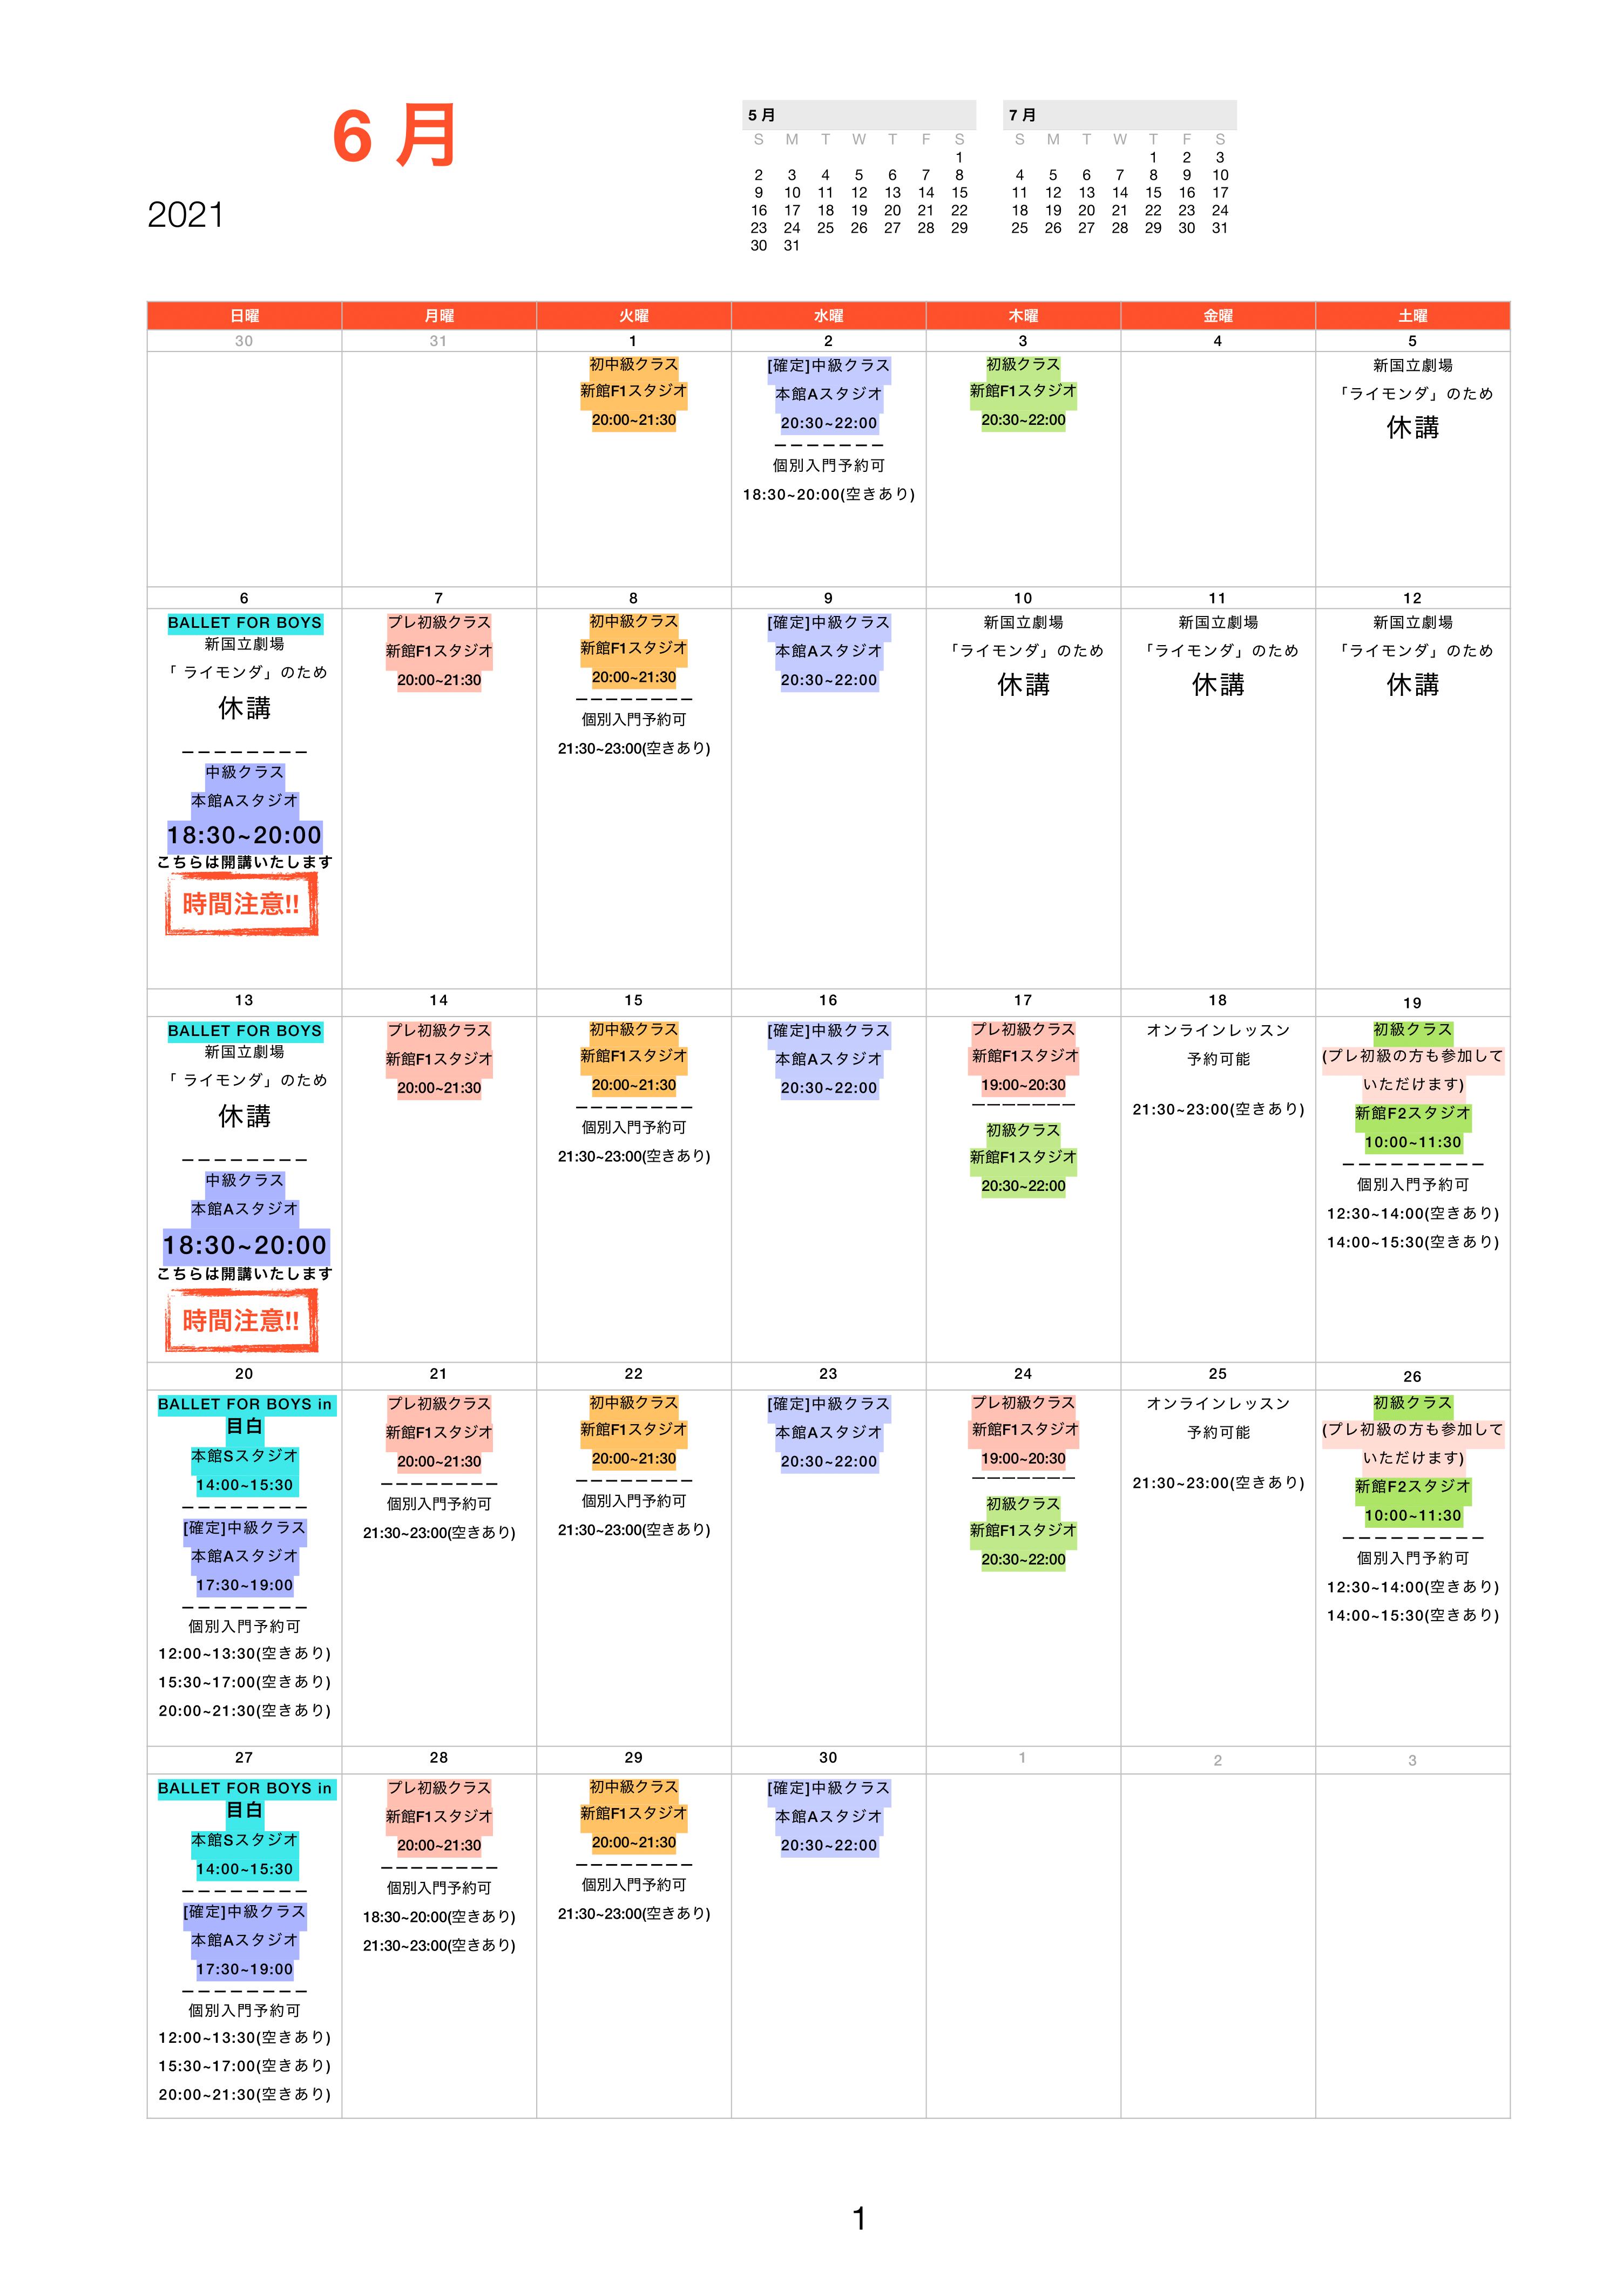 BFMsch2021:6v1-1